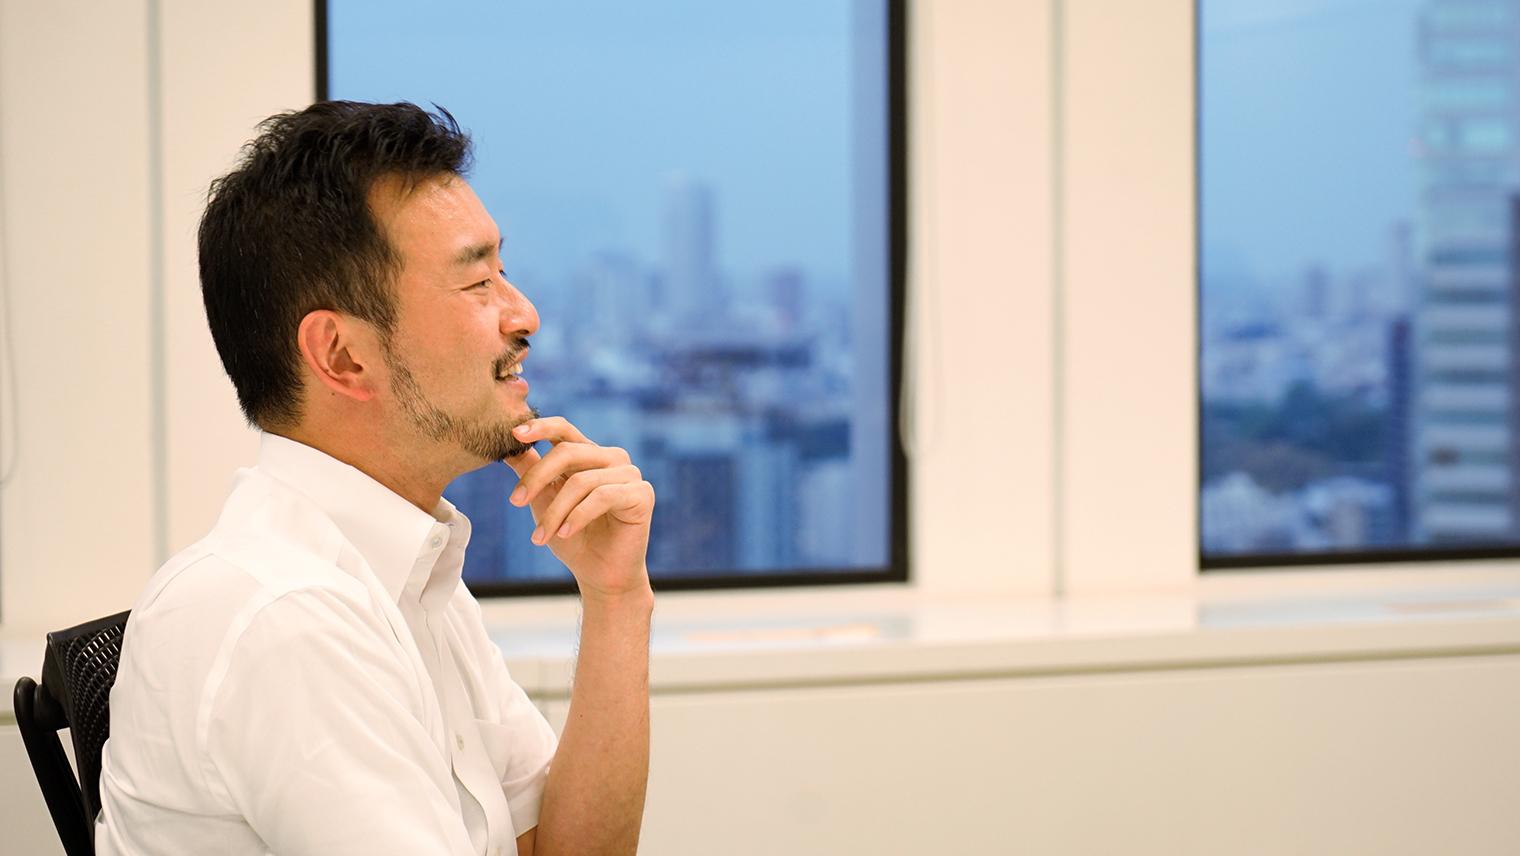 ソニー株式会社Startup Acceleration部門副部門長の小田島